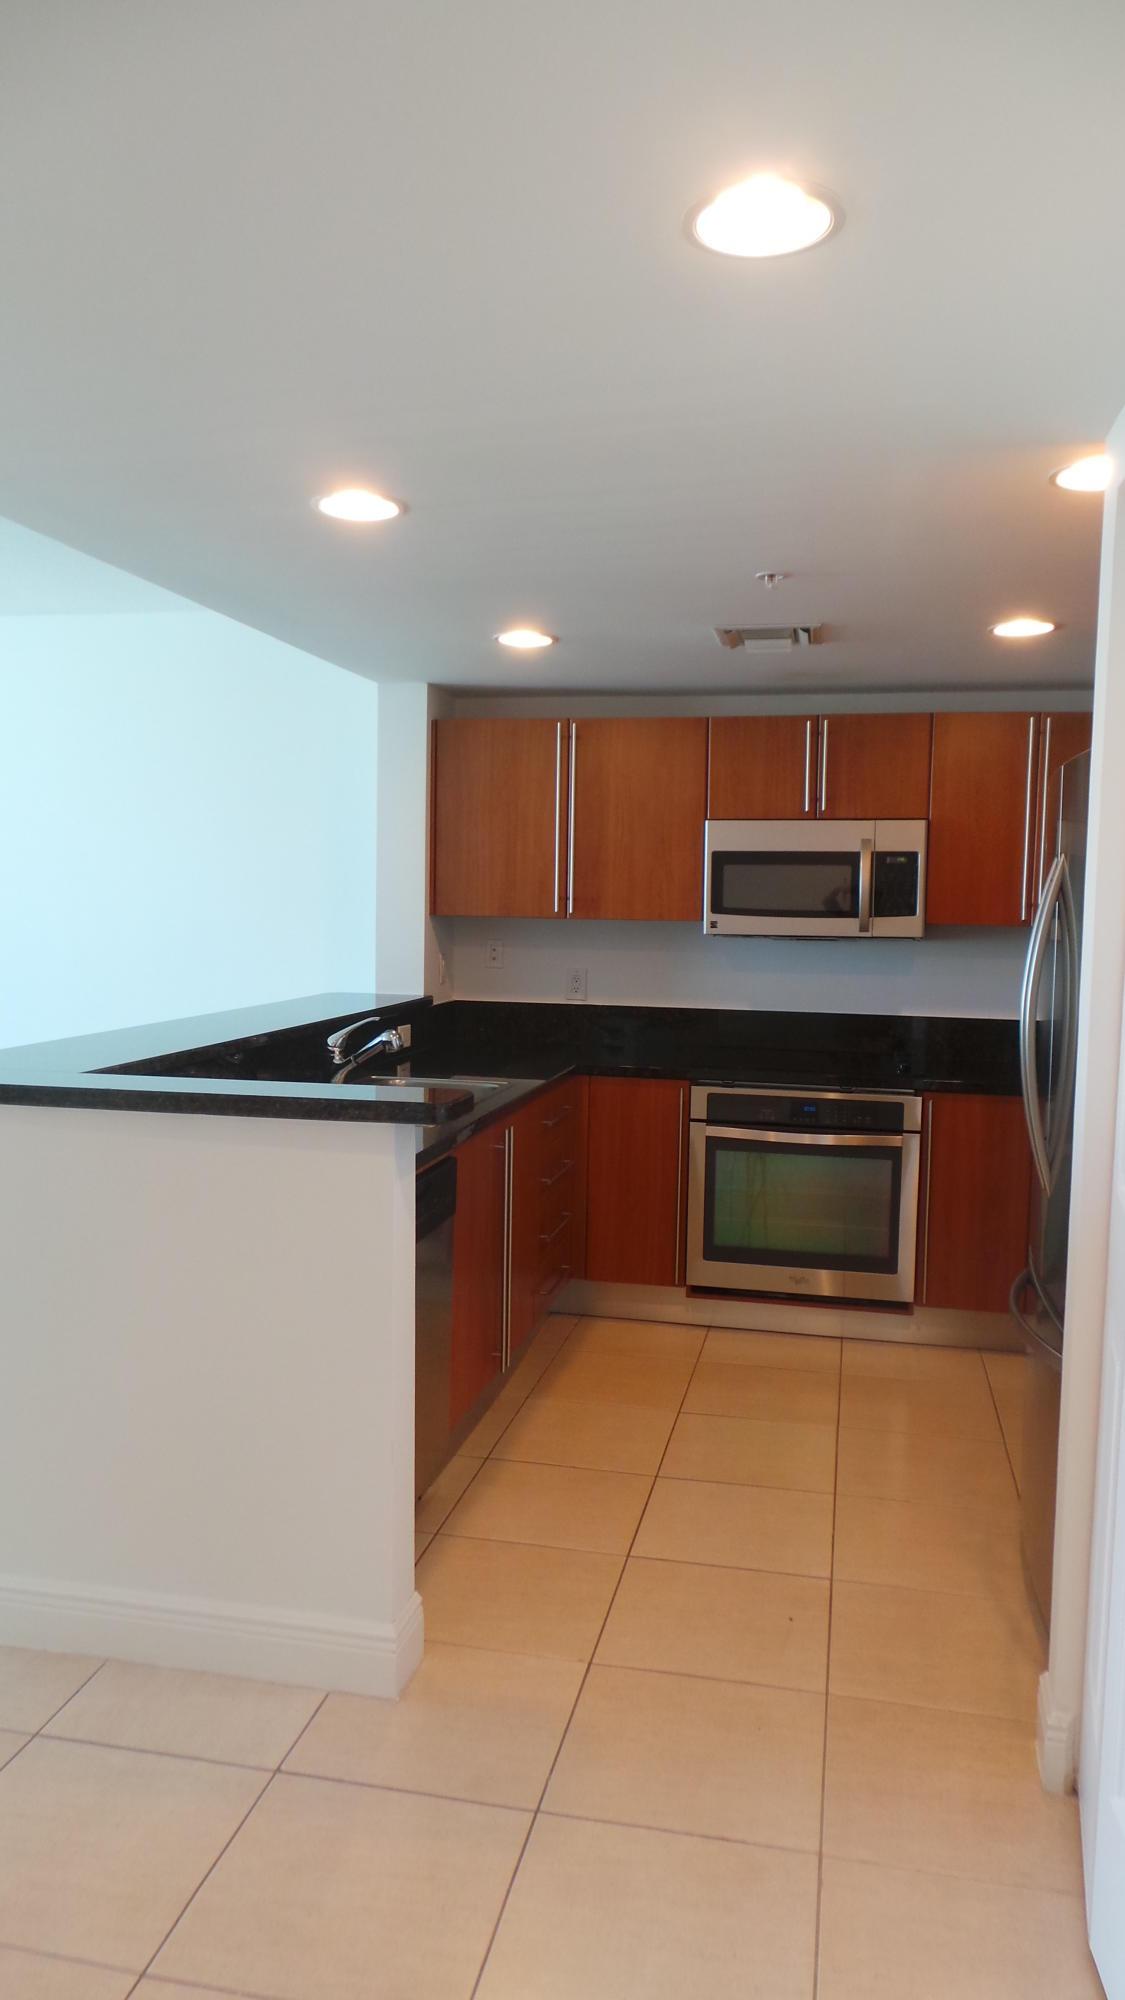 610 Clematis Street 616 West Palm Beach, FL 33401 photo 3